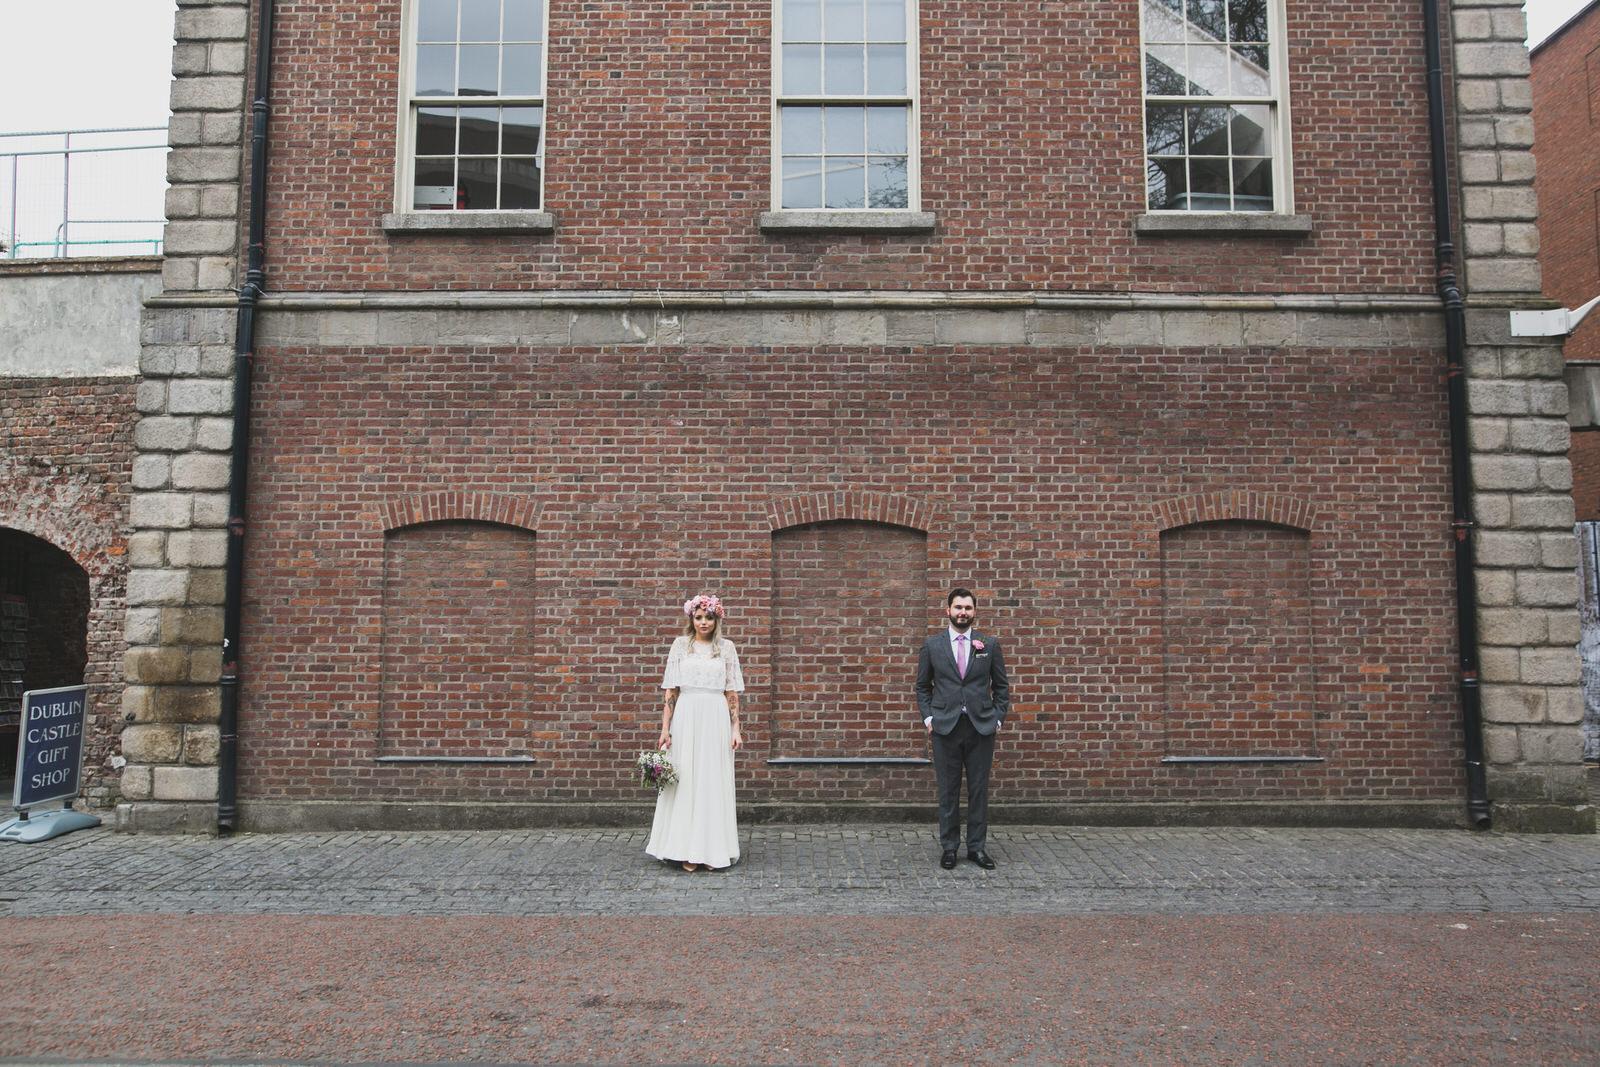 Dublin city castle portraits